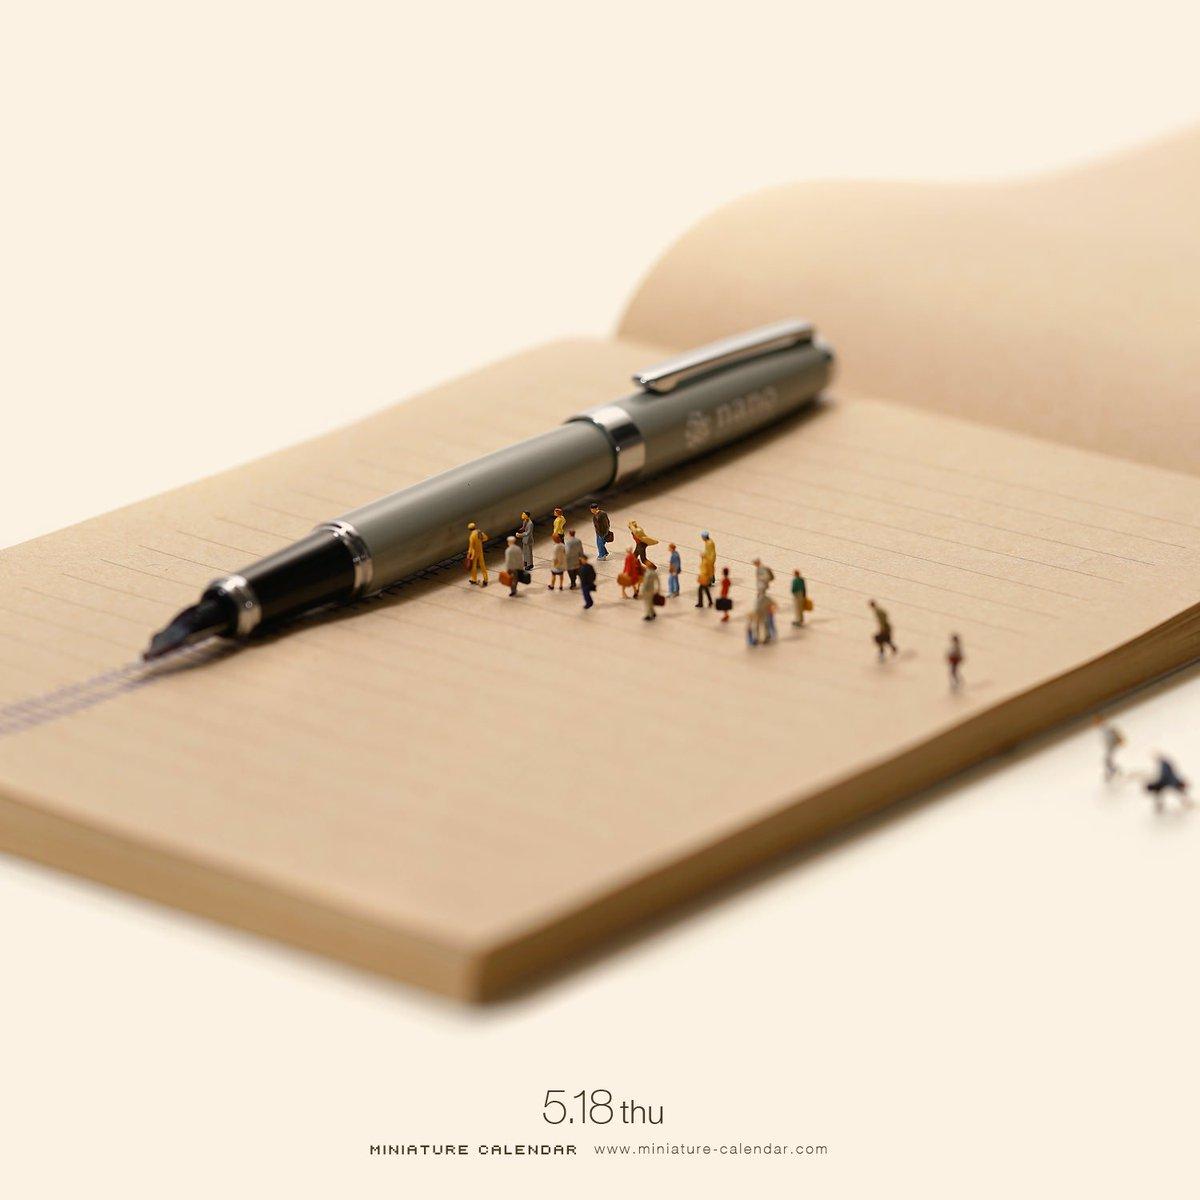 「新パン線に続きまして〜新幹ペンが参ります〜」   #万年筆 #新幹線  ちなみにこの万年筆は今月号(7月号)のDIMEの付録です💡 誌面で私も少しだけ紹介されています。